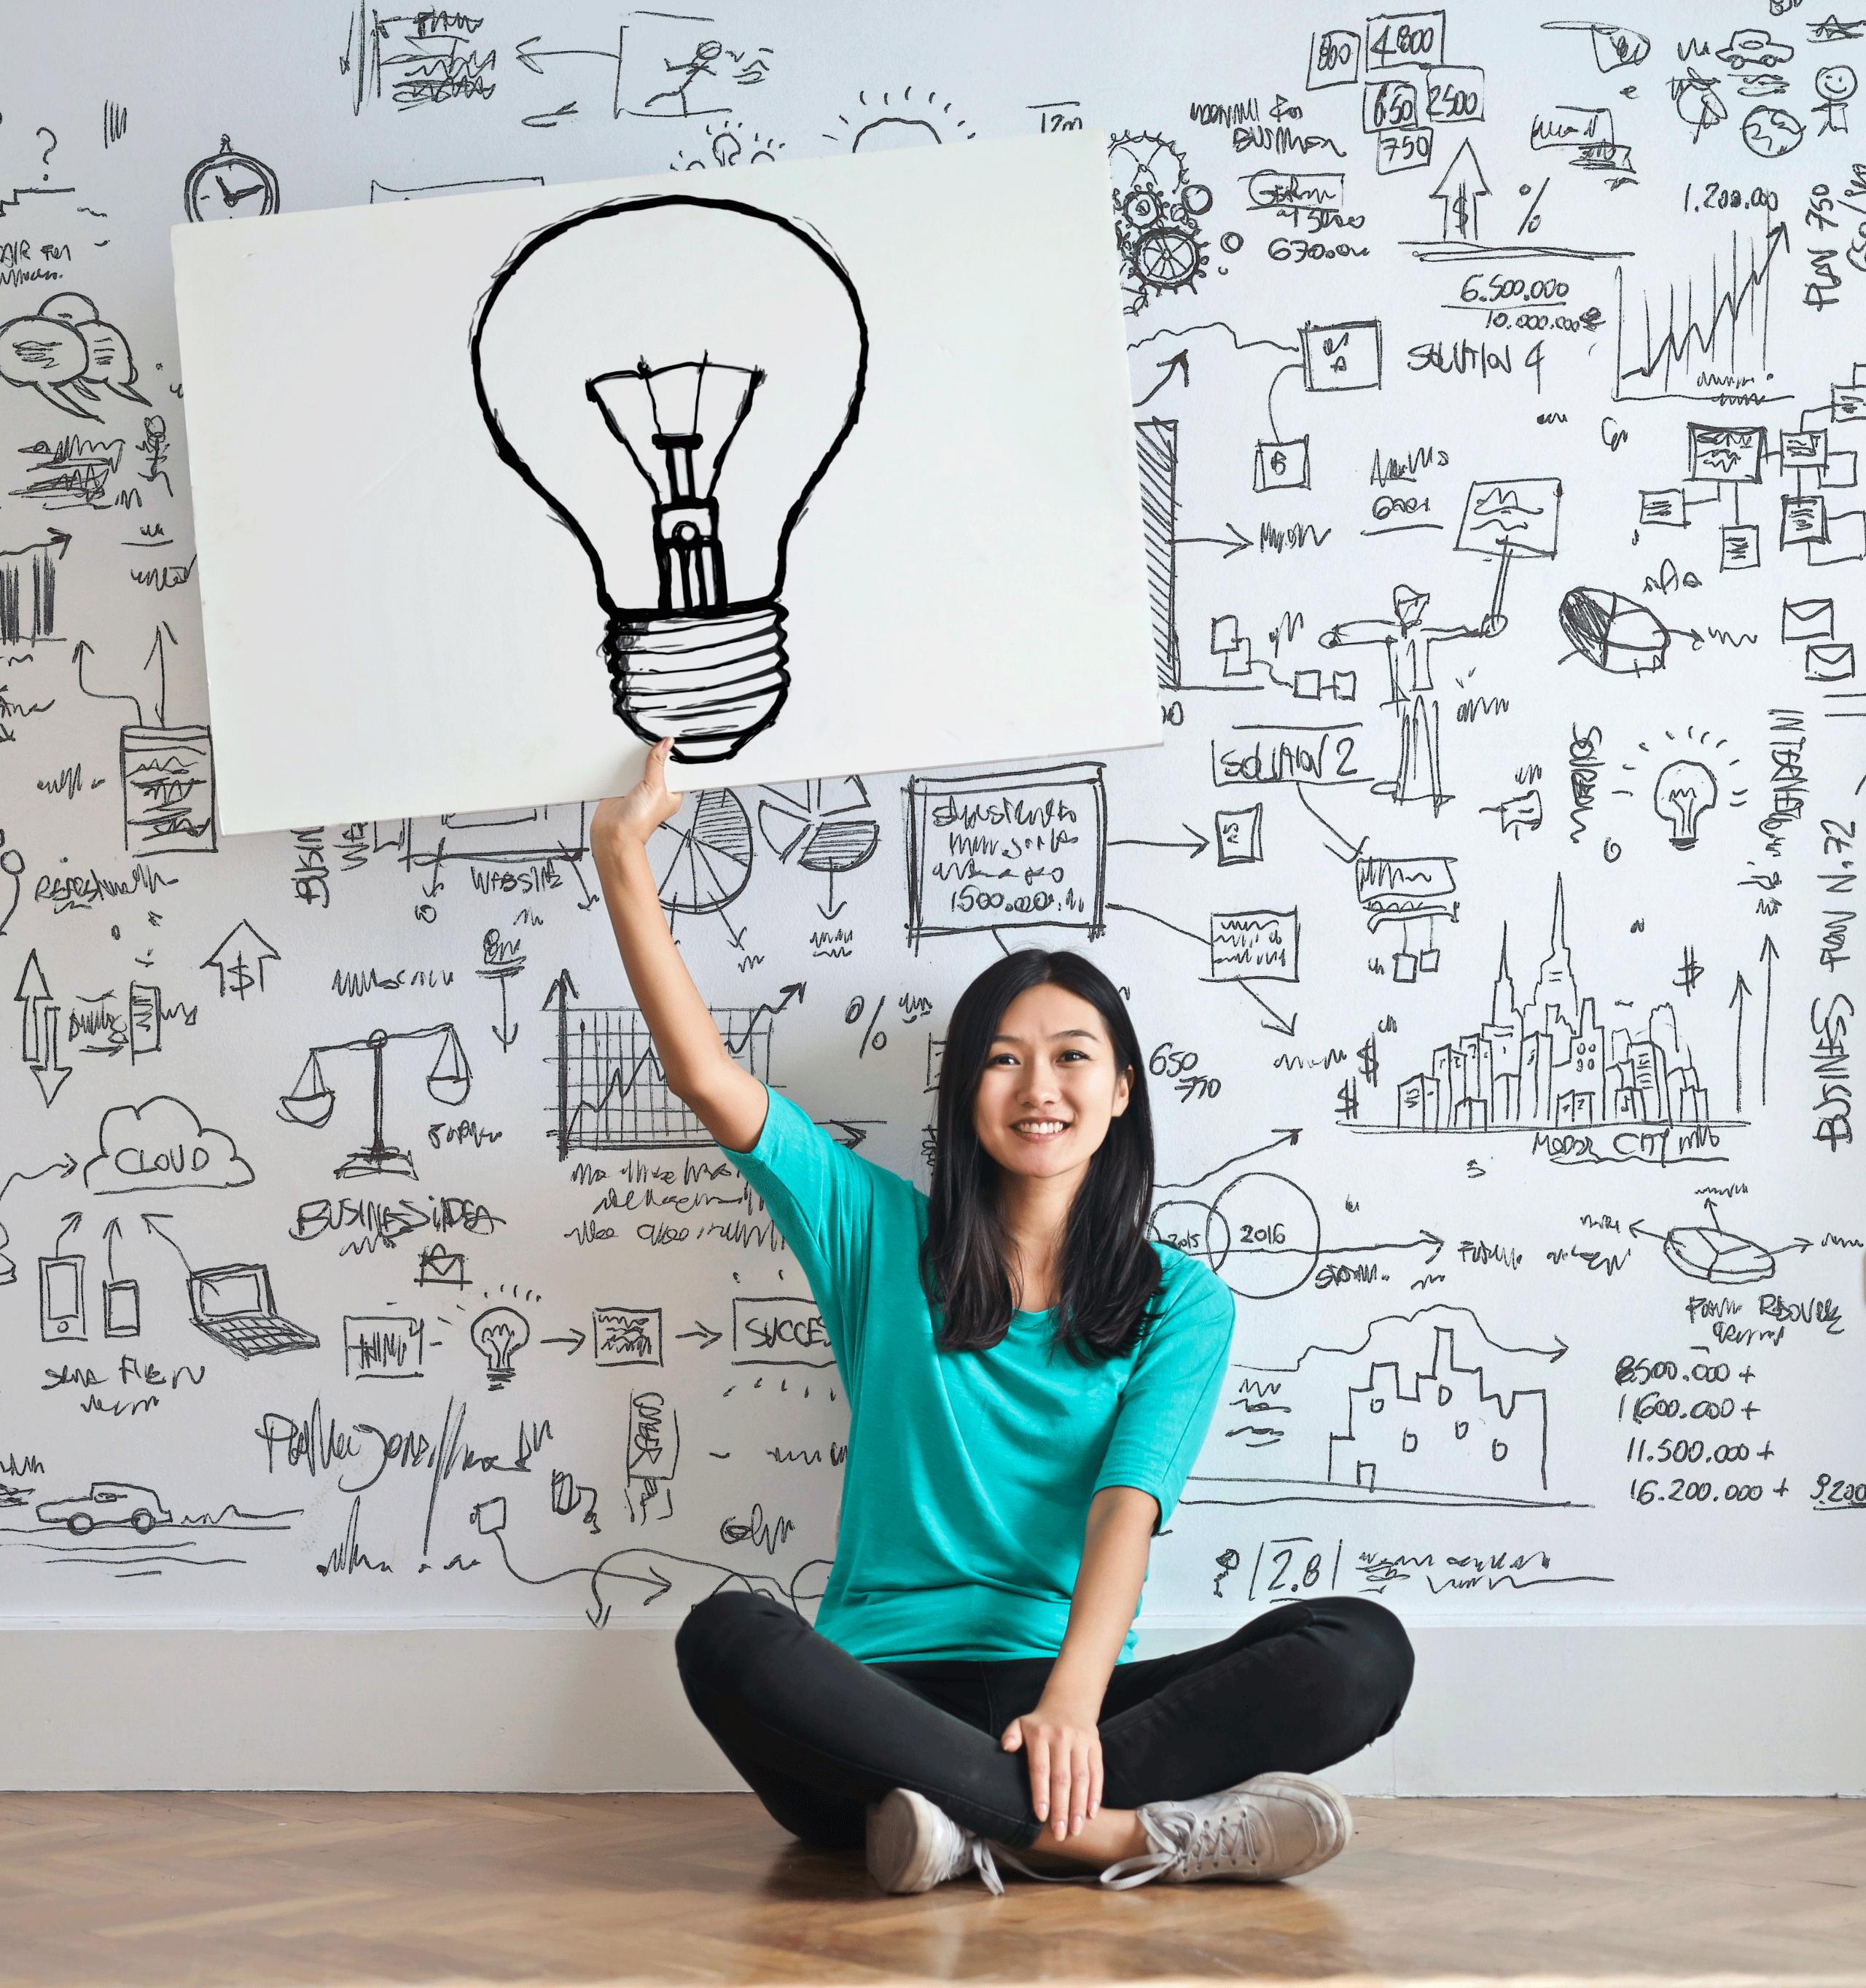 CONSEJOS PARA AUMENTAR LA CREATIVIDAD - AEI BUSINESS SCHOOL